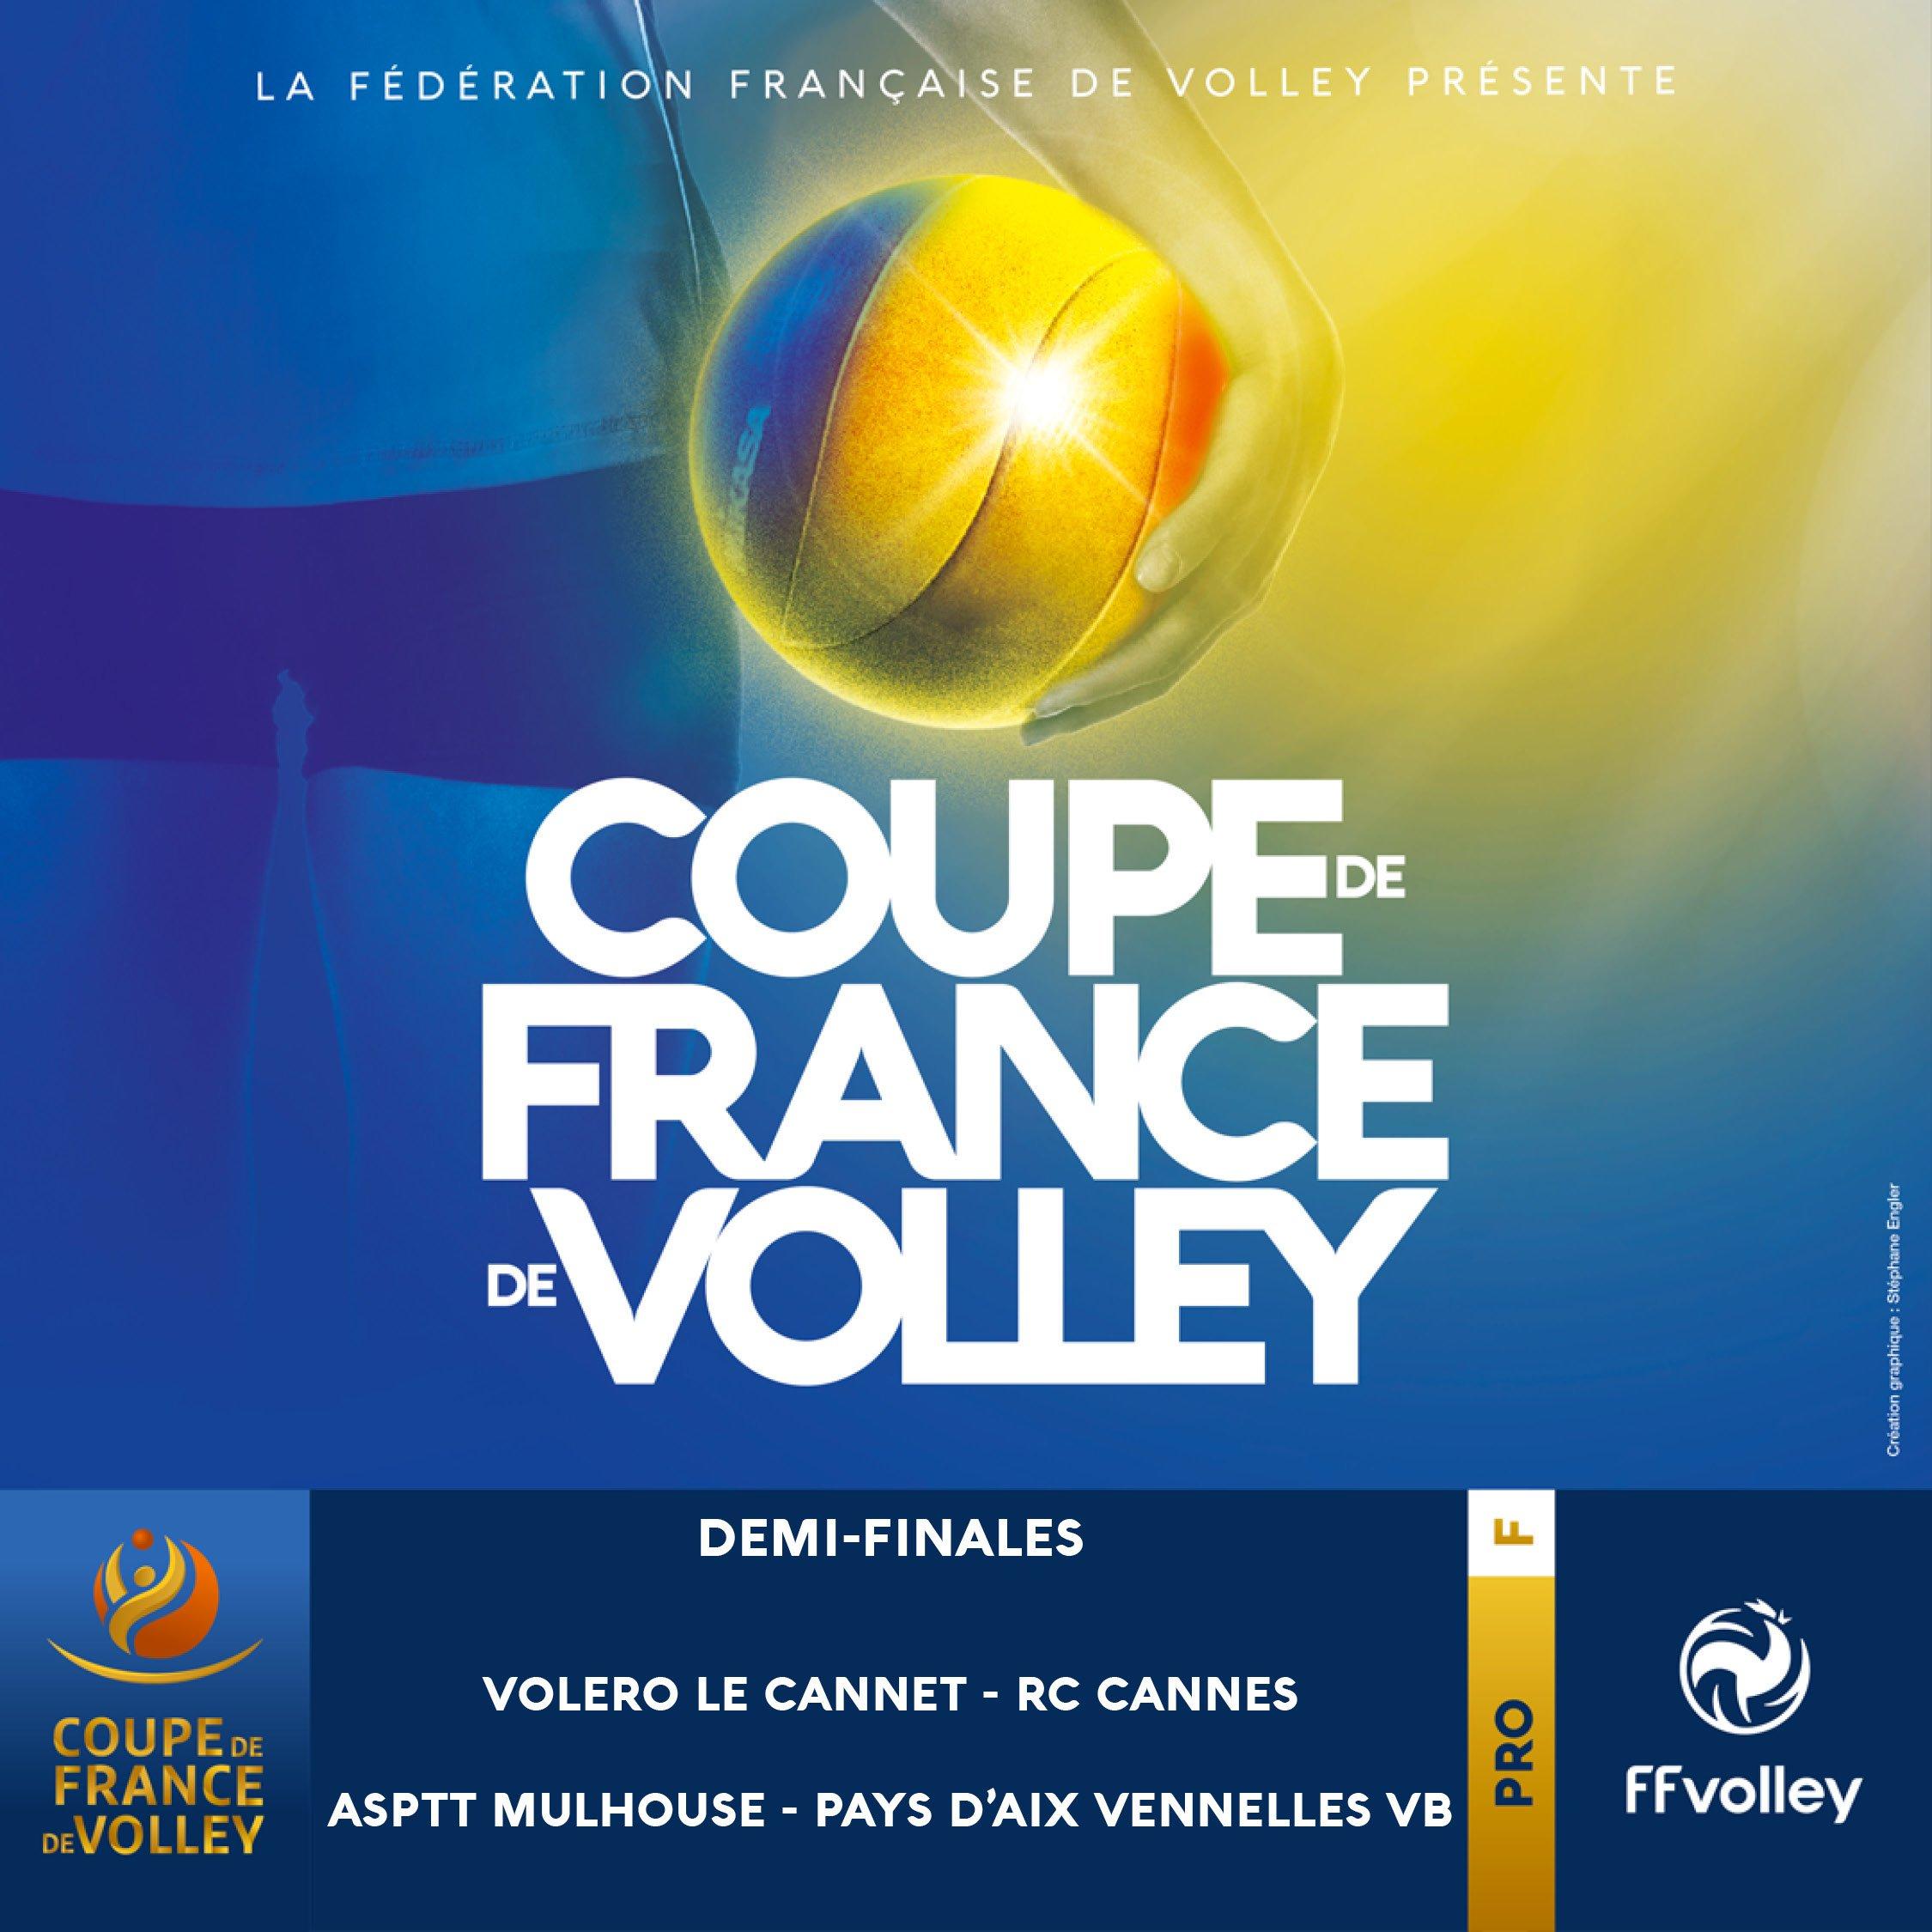 Le Final 4 de la Coupe de France Féminine